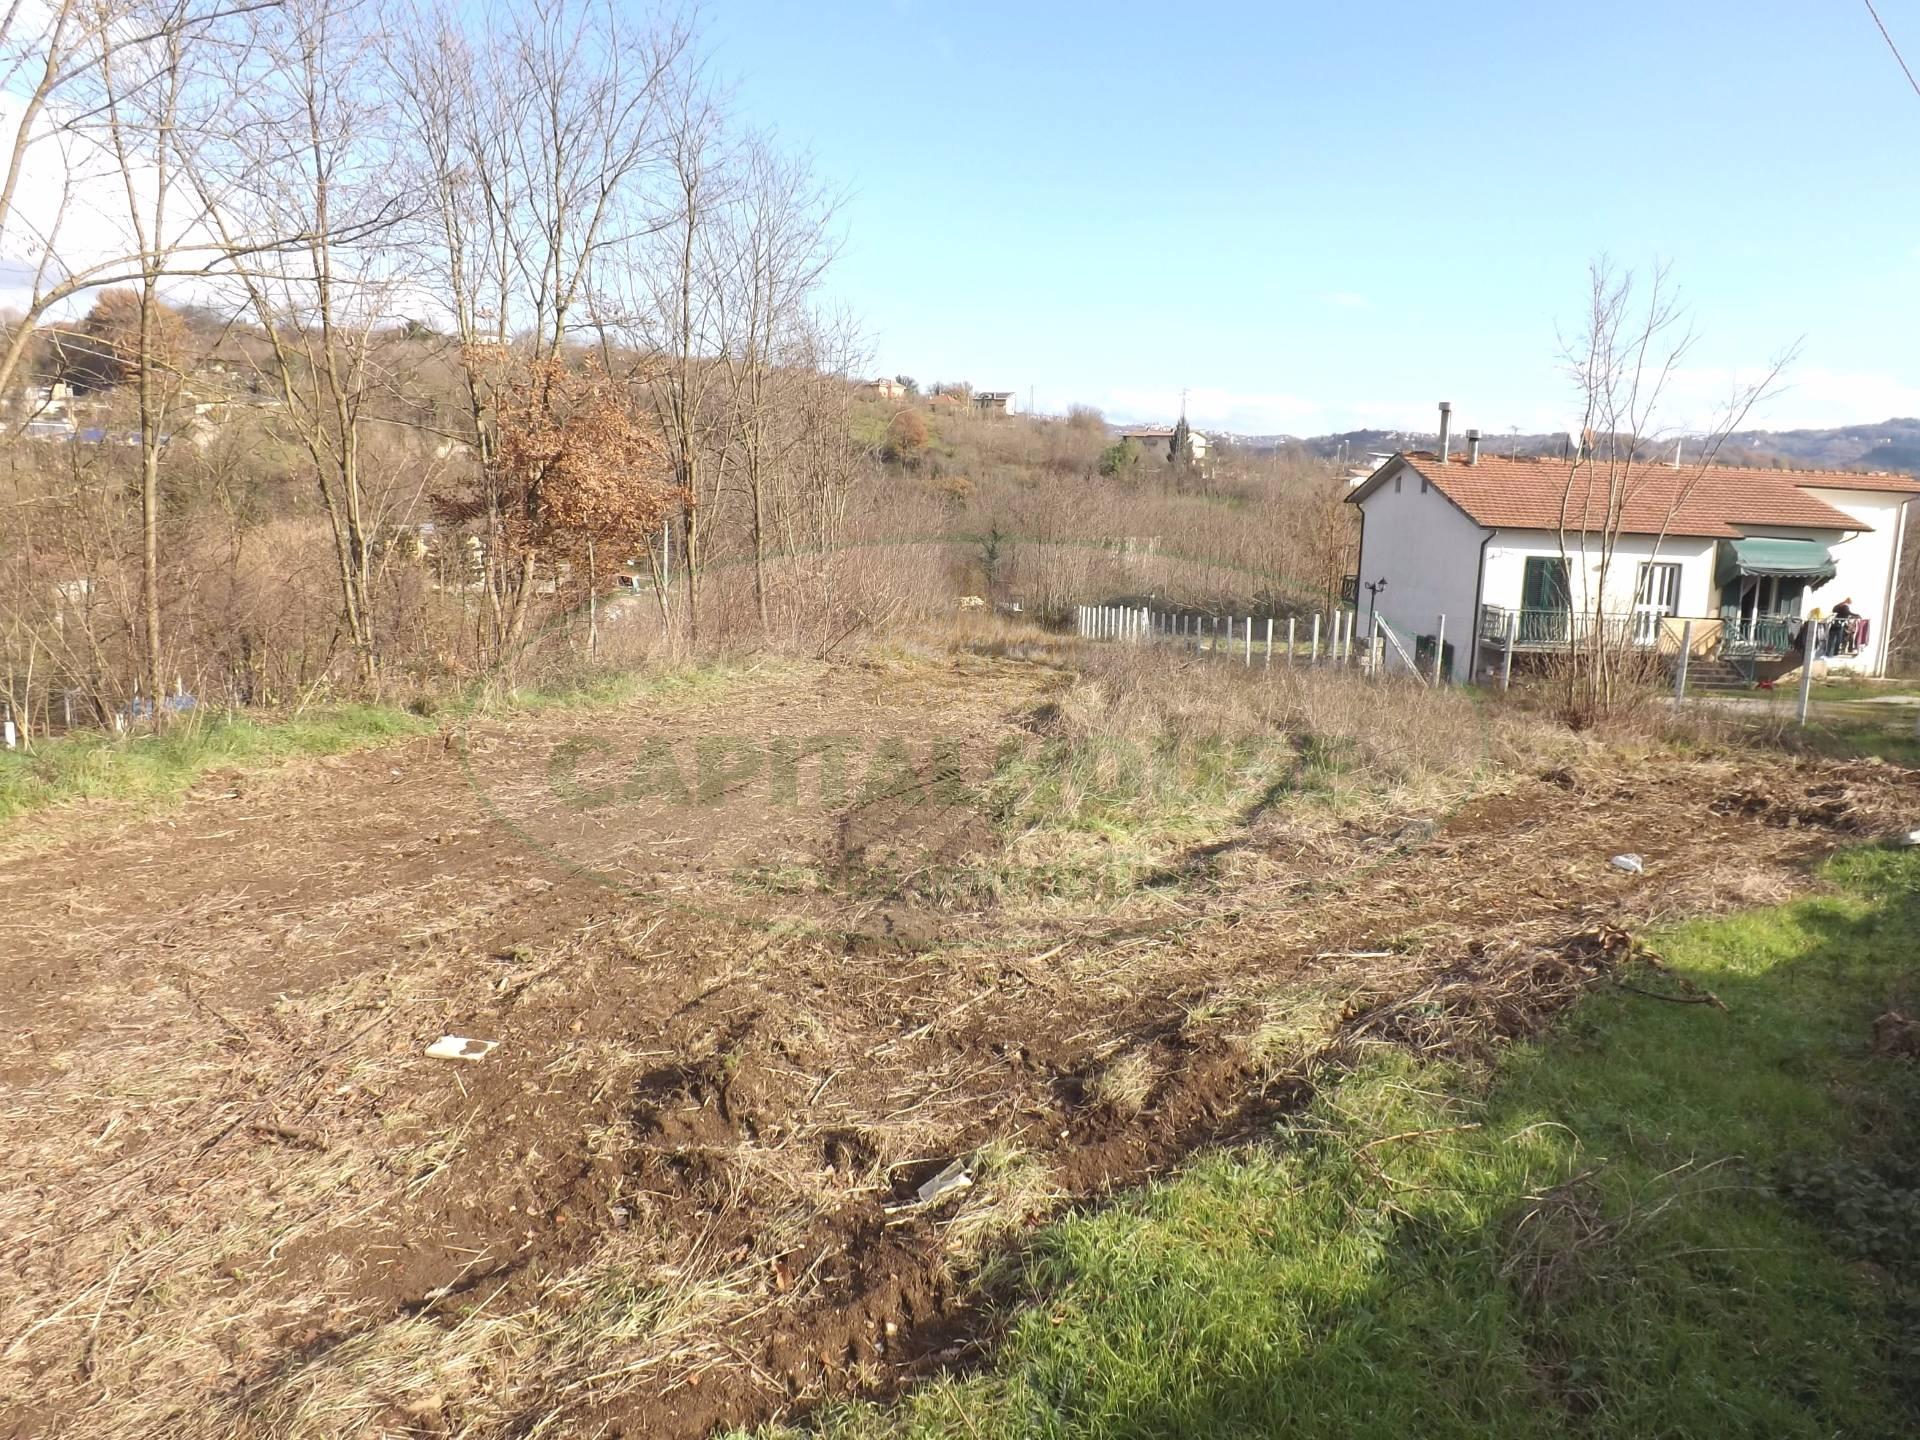 Terreno Agricolo in vendita a Prata di Principato Ultra, 9999 locali, prezzo € 15.000 | CambioCasa.it